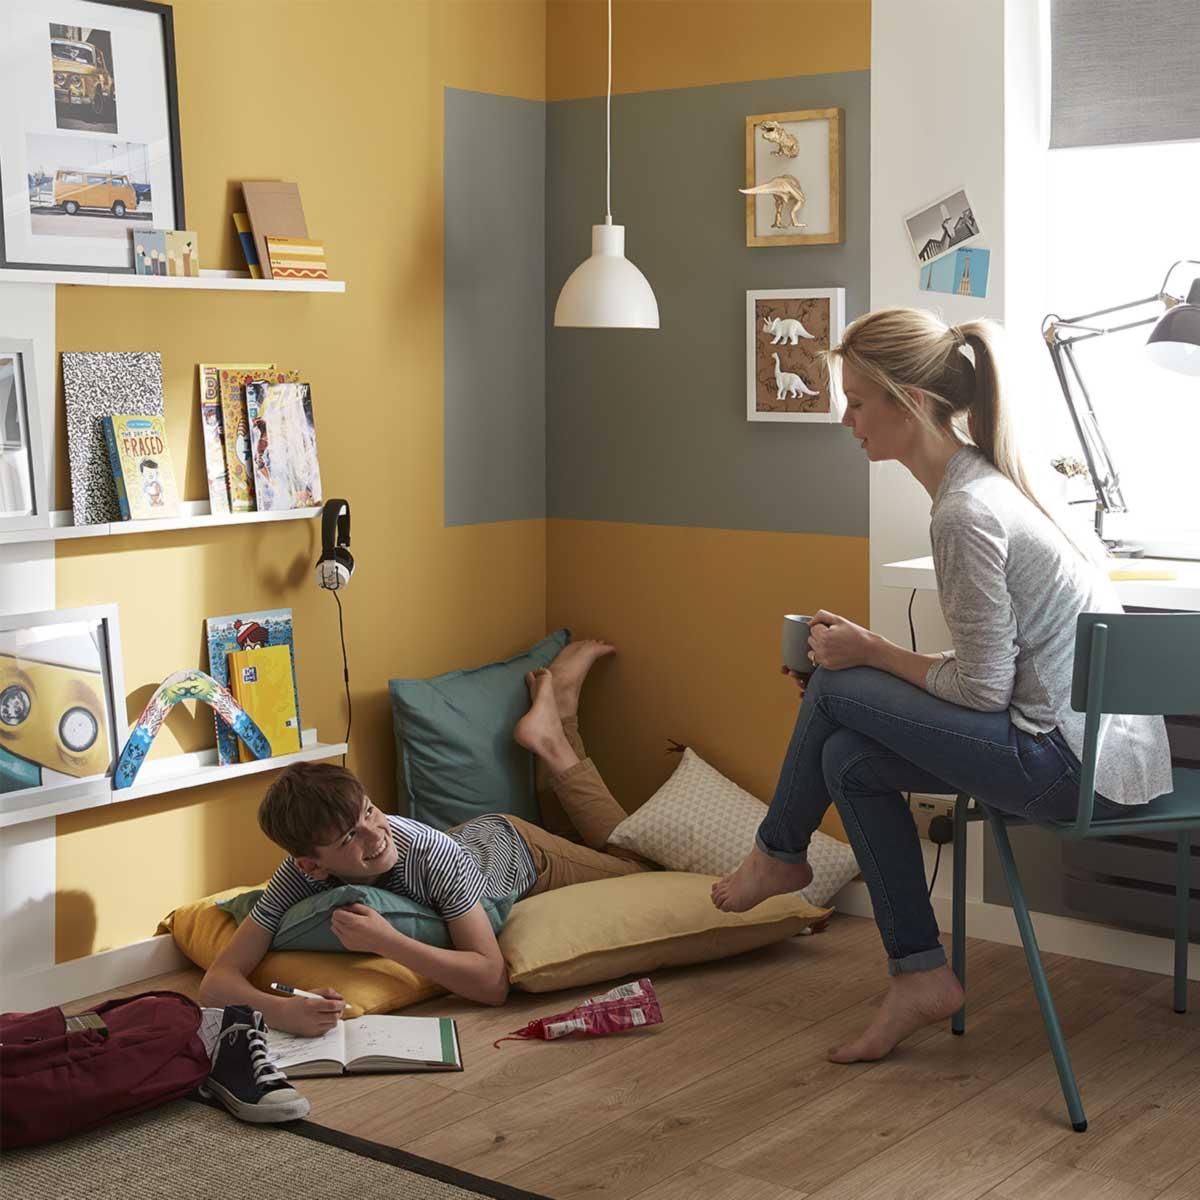 Rénovation d'une chambre d'enfant avec revêtement sol et peinture intérieure GoodHome